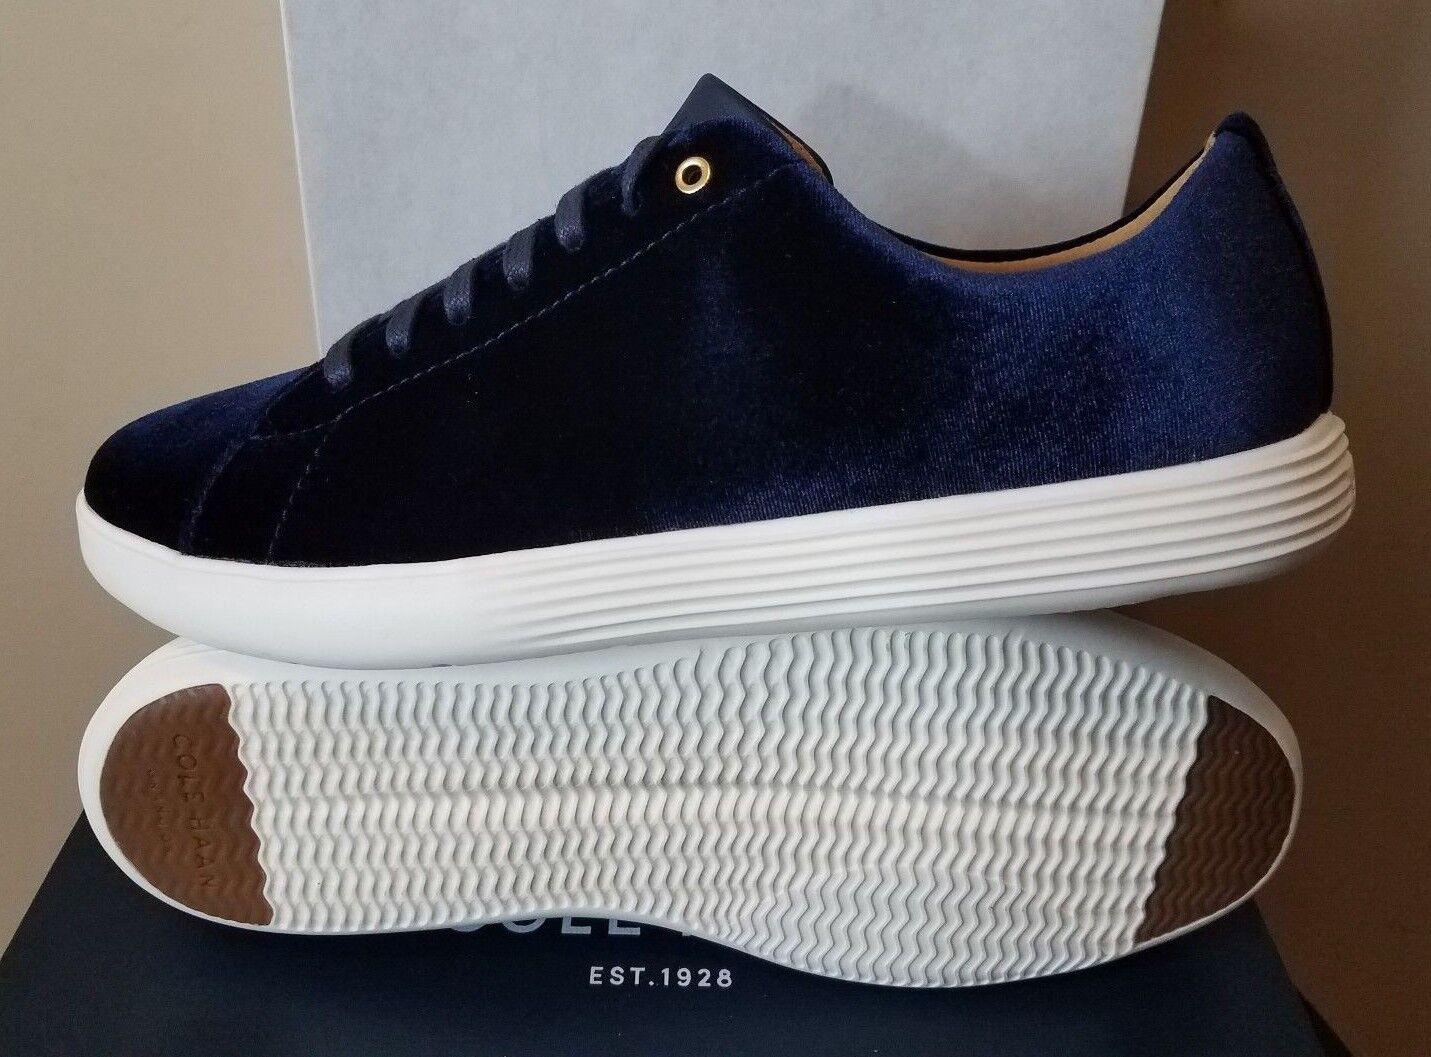 Damenschuhe Cole Haan Grand Crosscourt Sneakers II Schuhes Blau Velvet Sneakers Crosscourt NWT 5f6aee